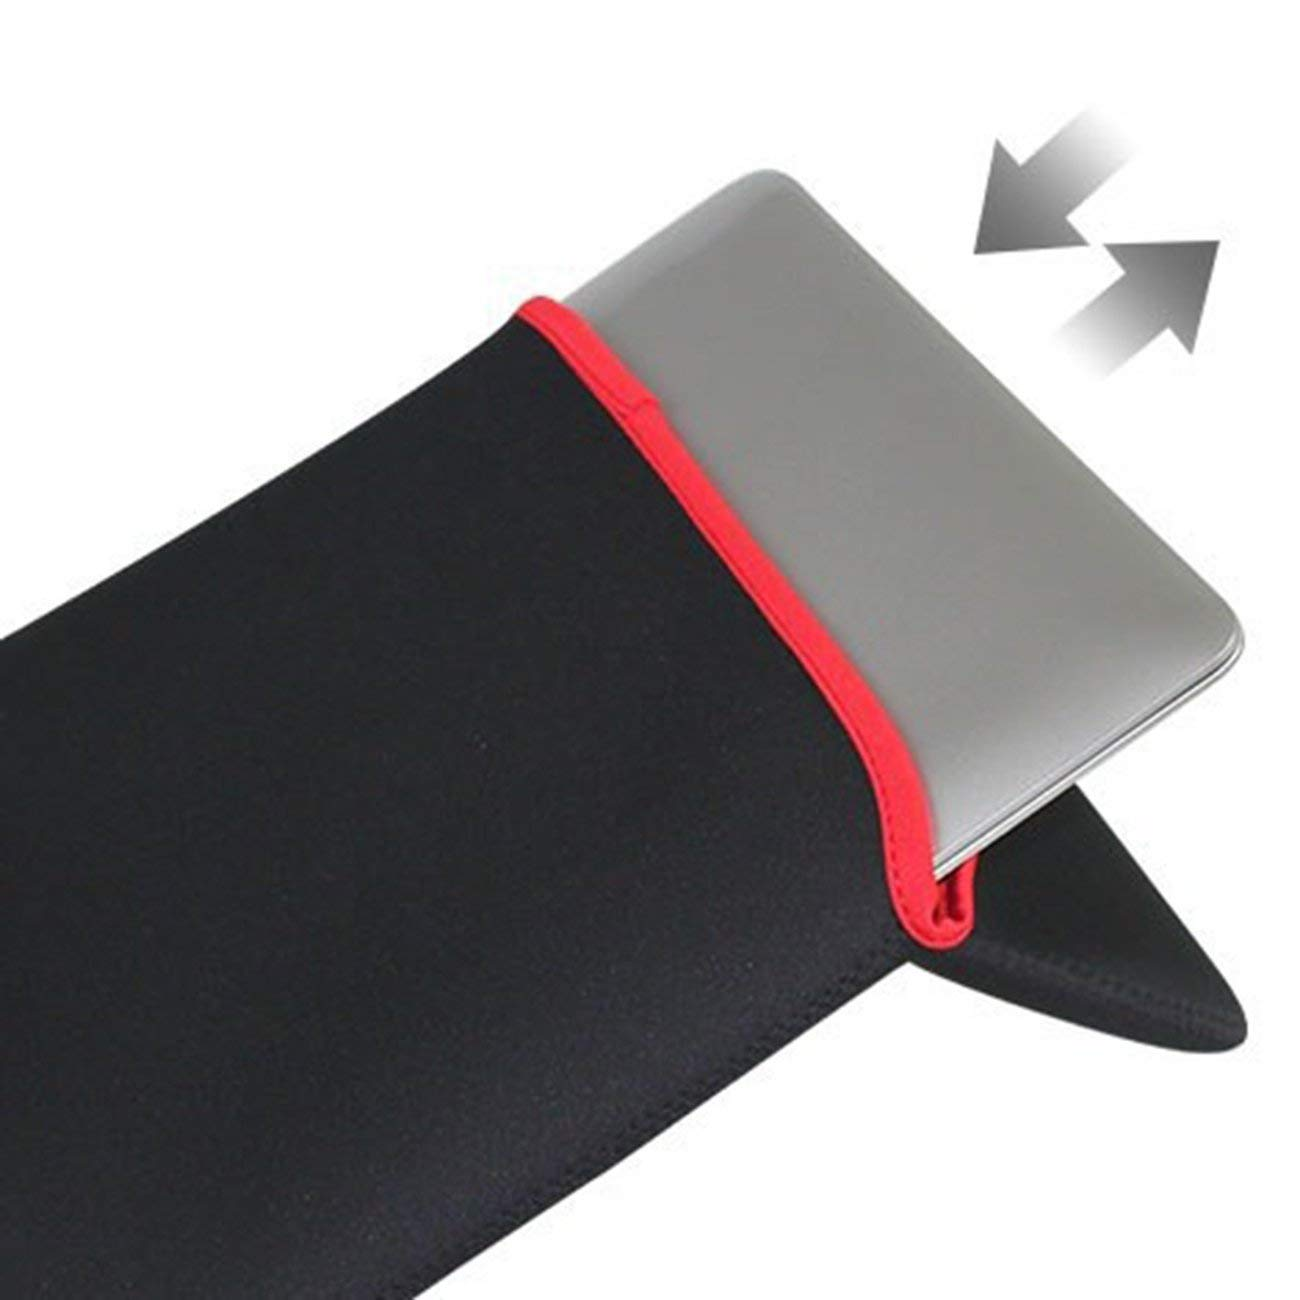 Socialism Funda Universal para Tableta a Prueba de Golpes y Protectora Funda para PC port/átil Negro Funda para Tableta Funda Ultra Suave Impermeable 8